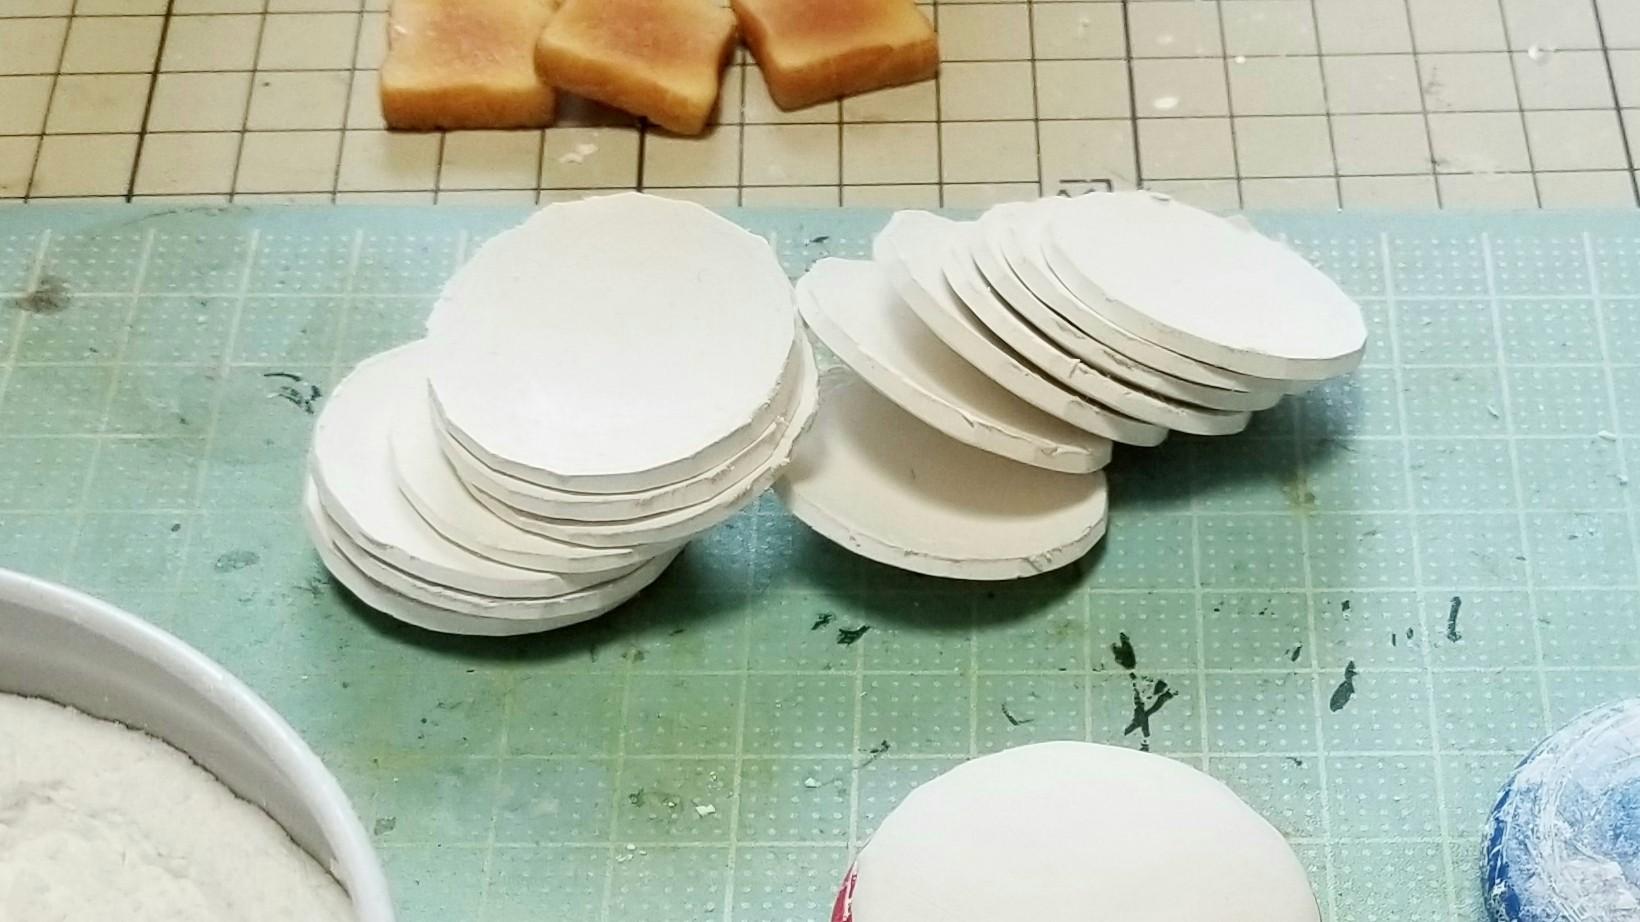 ミニチュアフード粘土丸食器お皿の作り方おすすめ人気手仕事ブログ